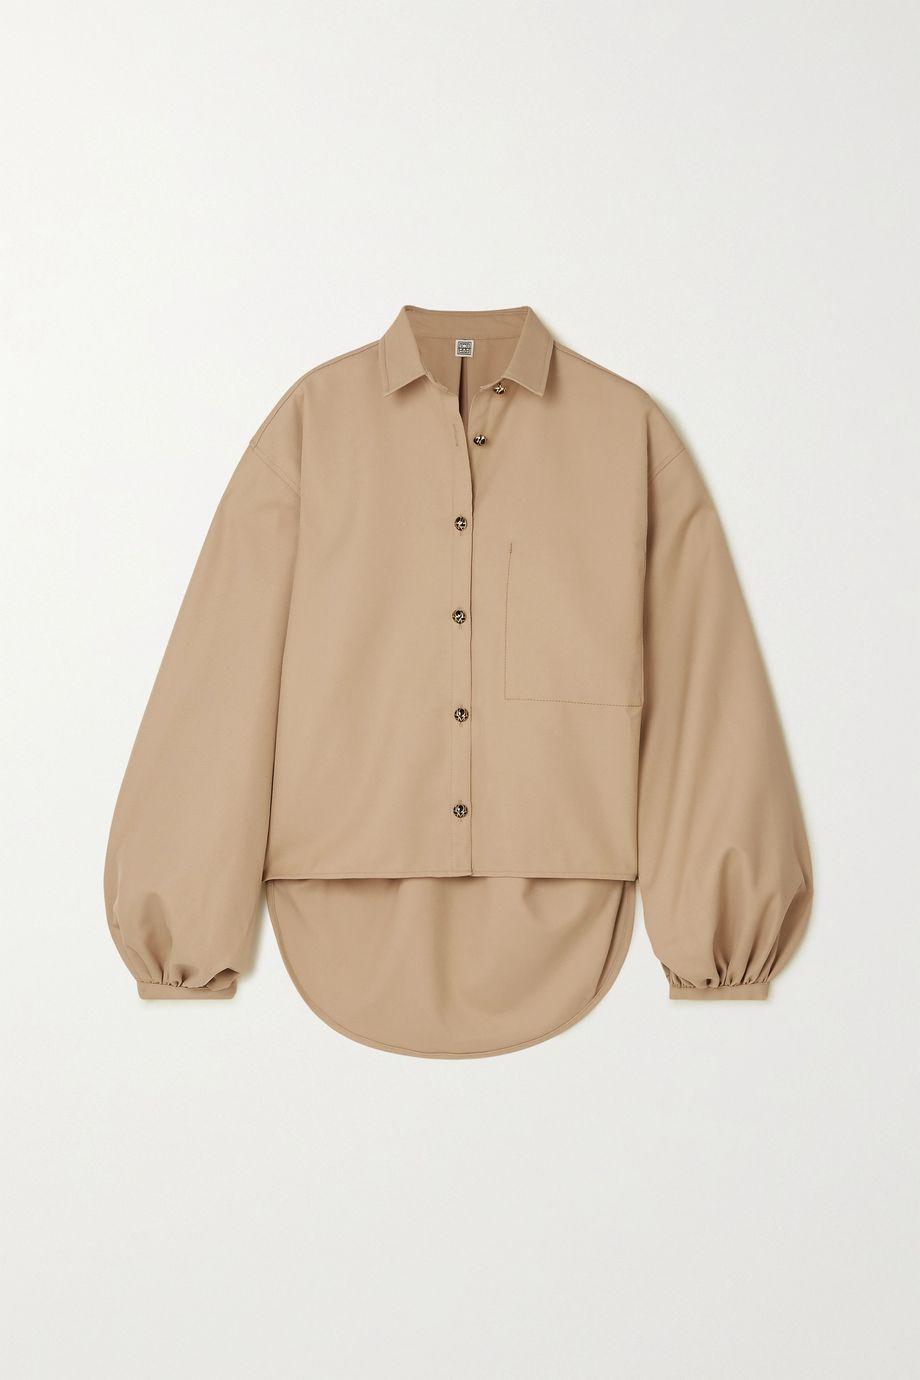 Totême Novale oversized grain de poudre shirt